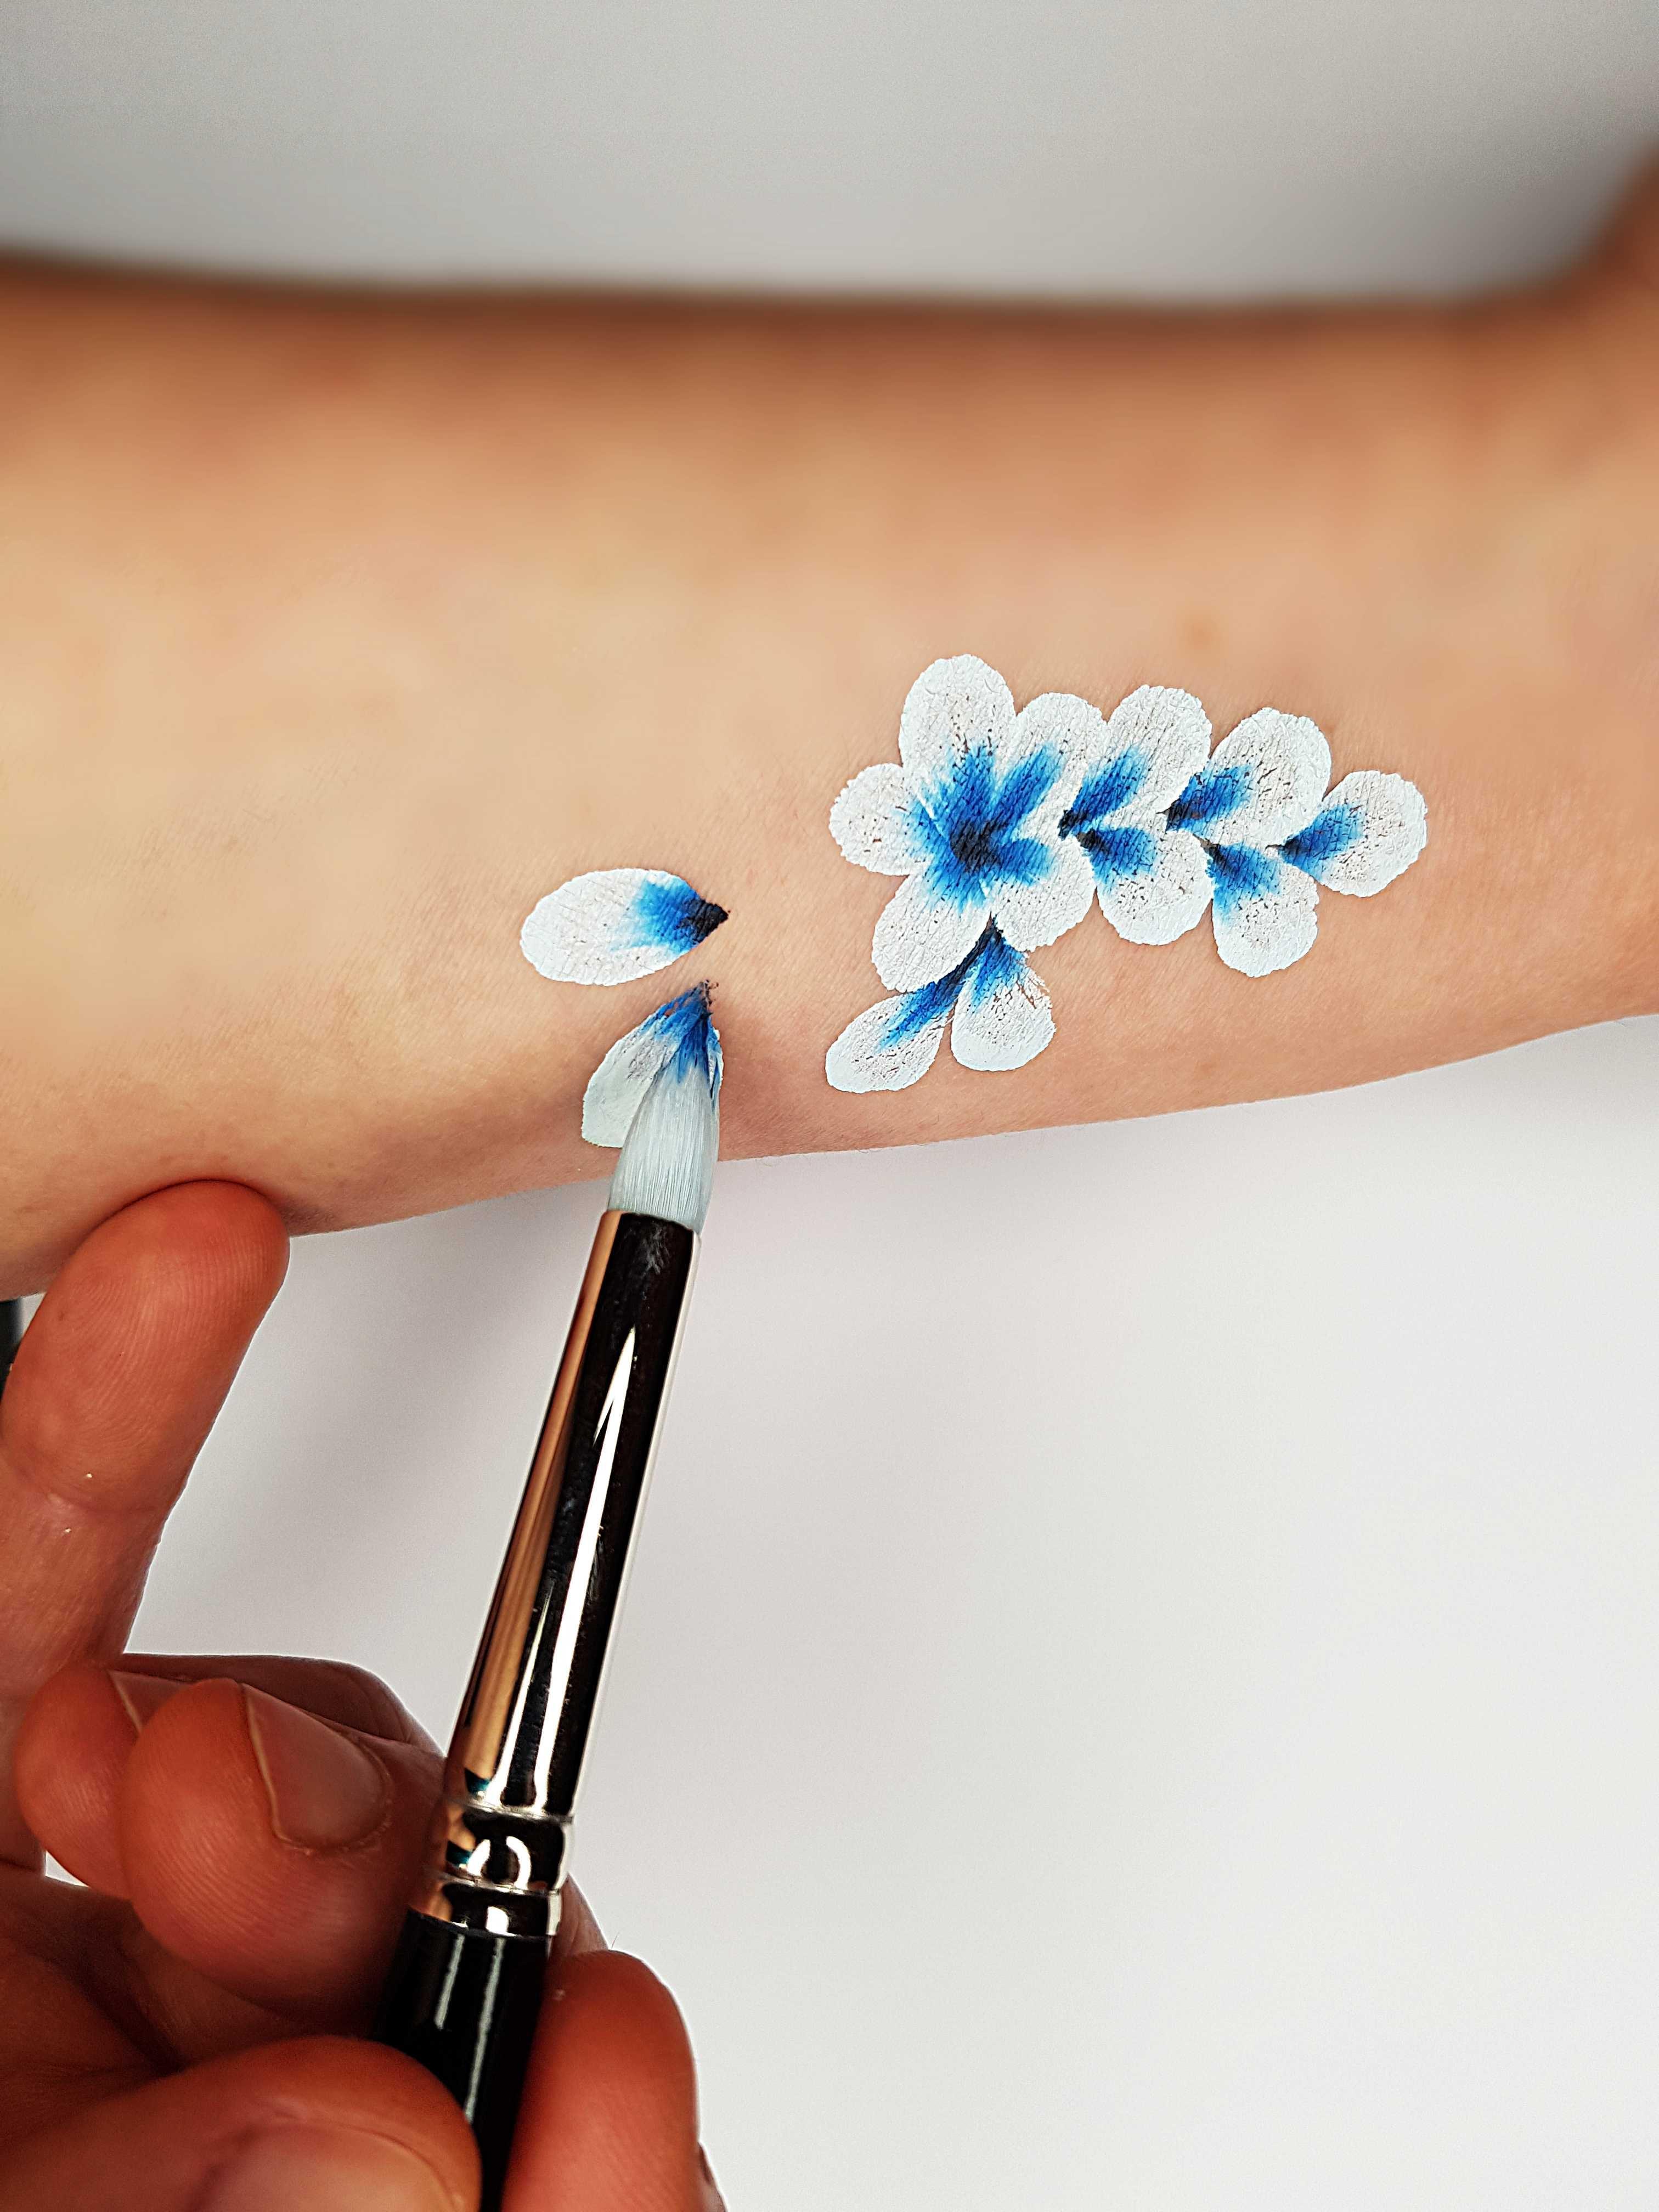 מכחול פרחים dbl dip